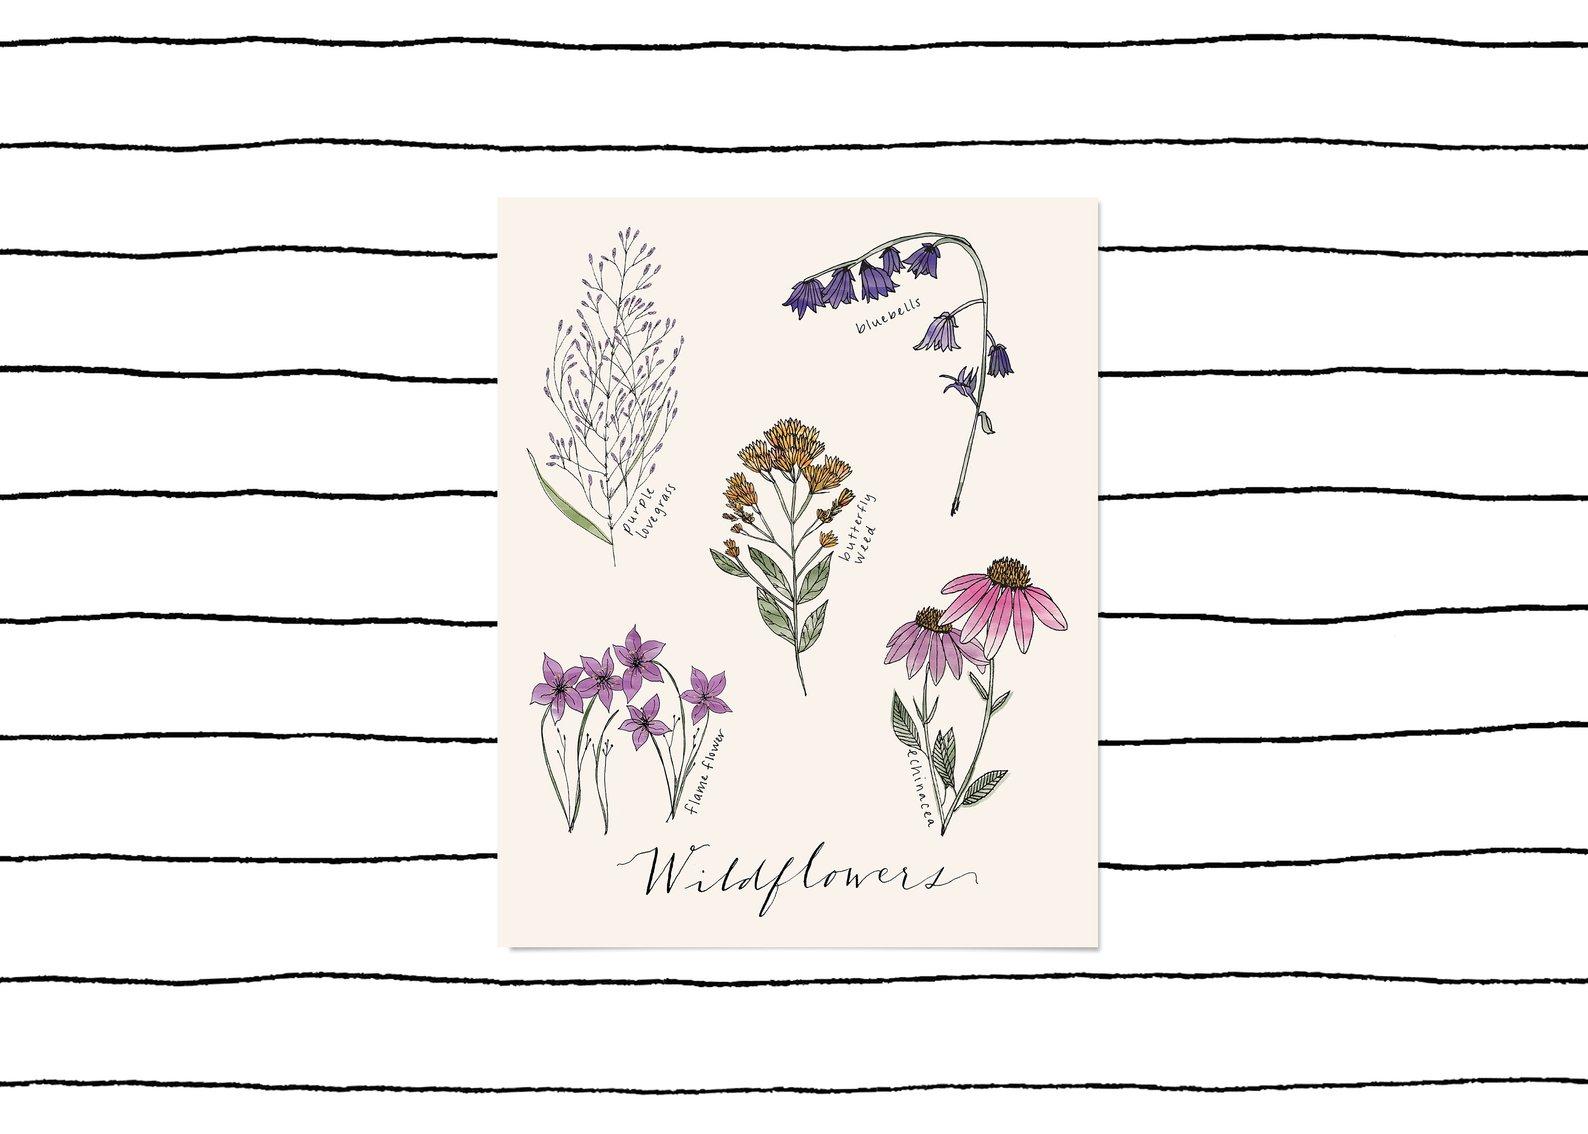 Wildflowers Print By Drawings By Renee Co